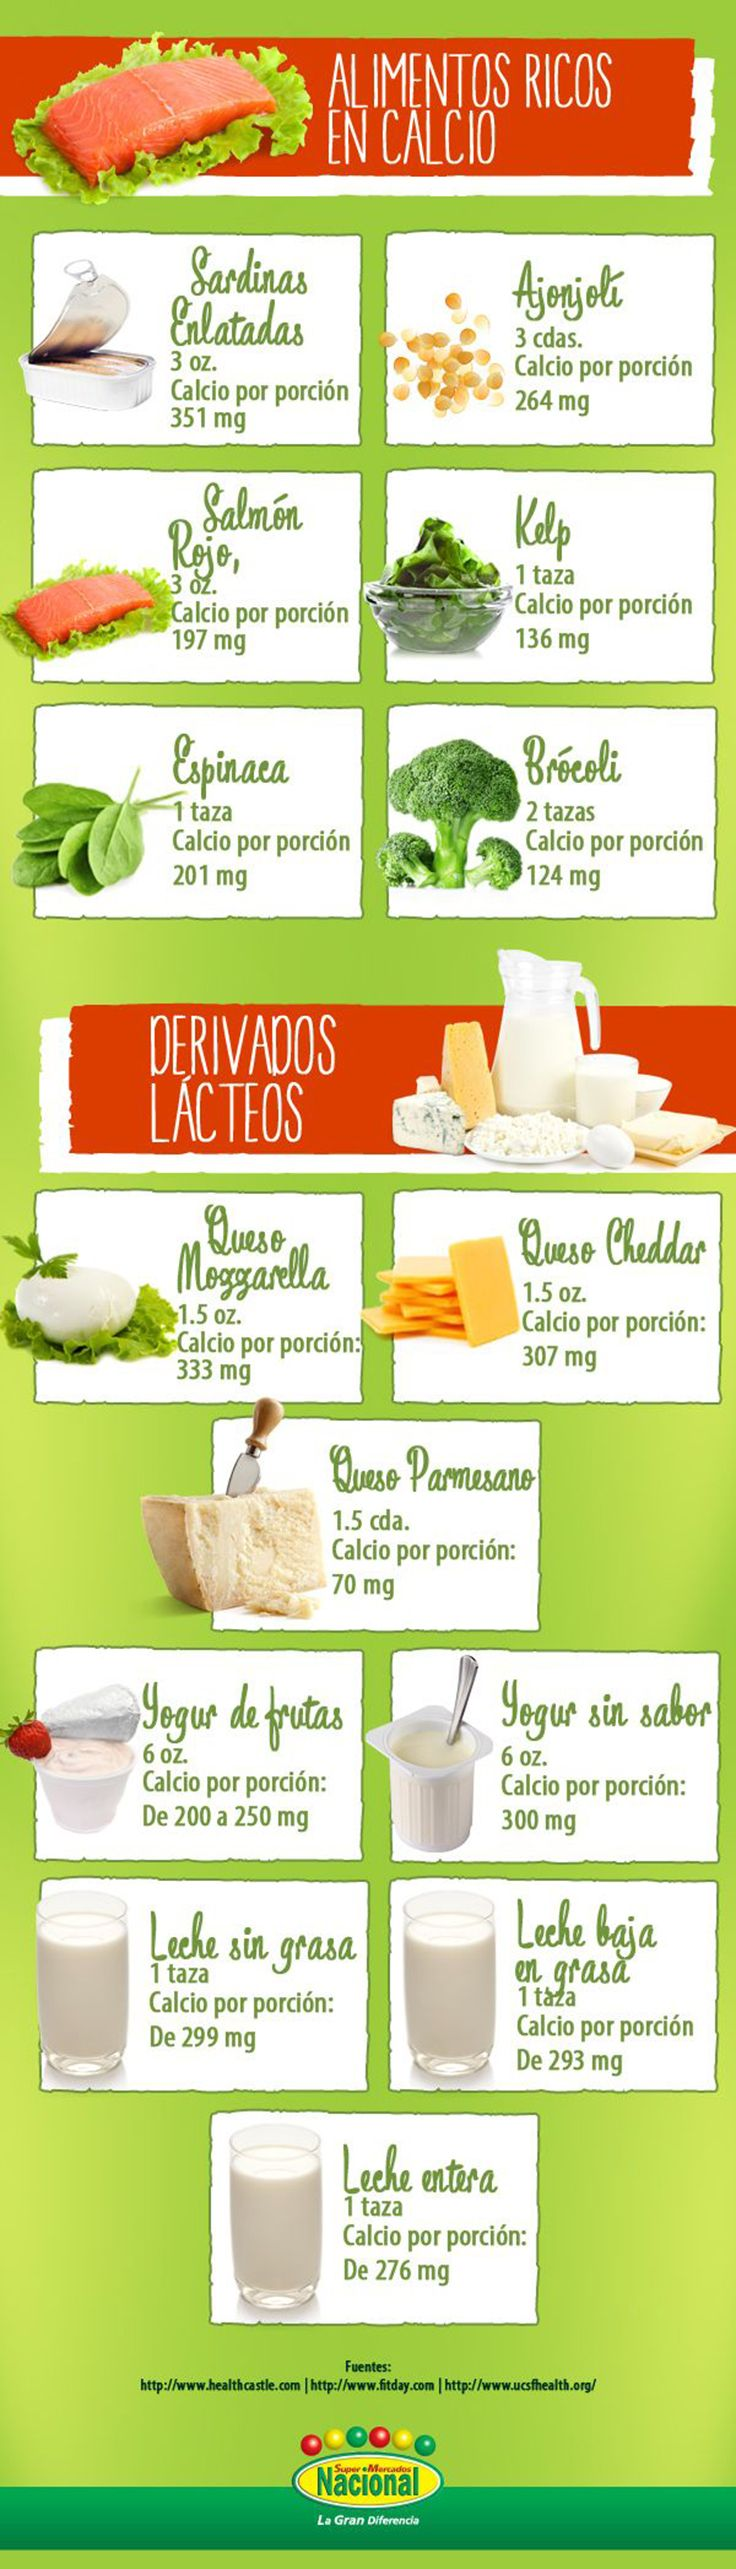 Las 25 mejores ideas sobre minerales nutricion en pinterest alimentos con vitamina d - Alimentos naturales ricos en calcio ...